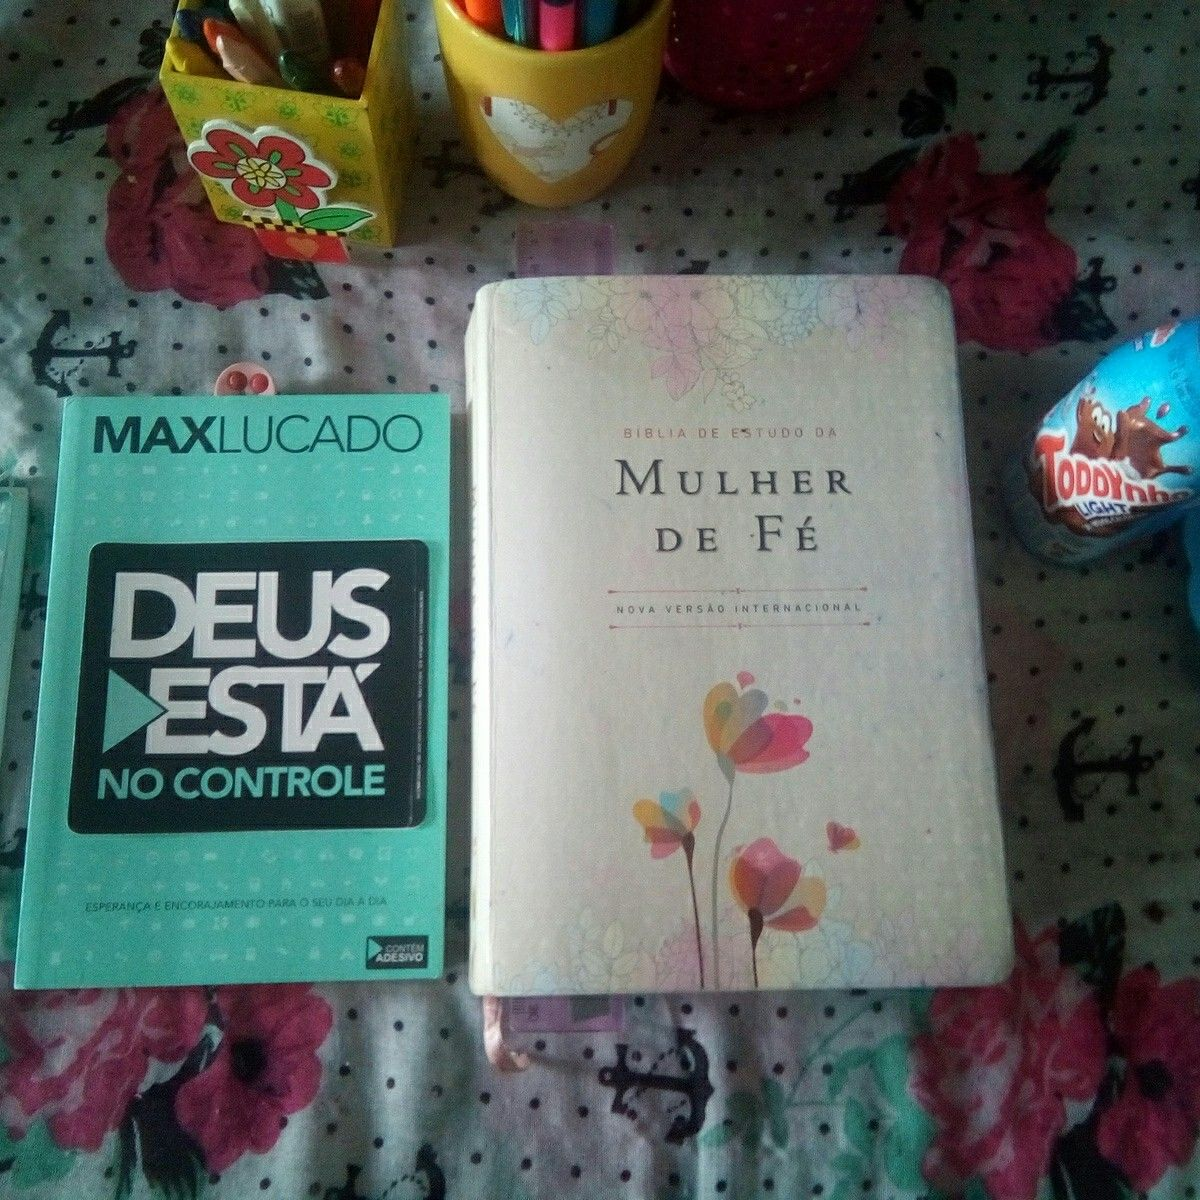 Max Lucado Biblia De Estudo Da Mulher De Fe Livros